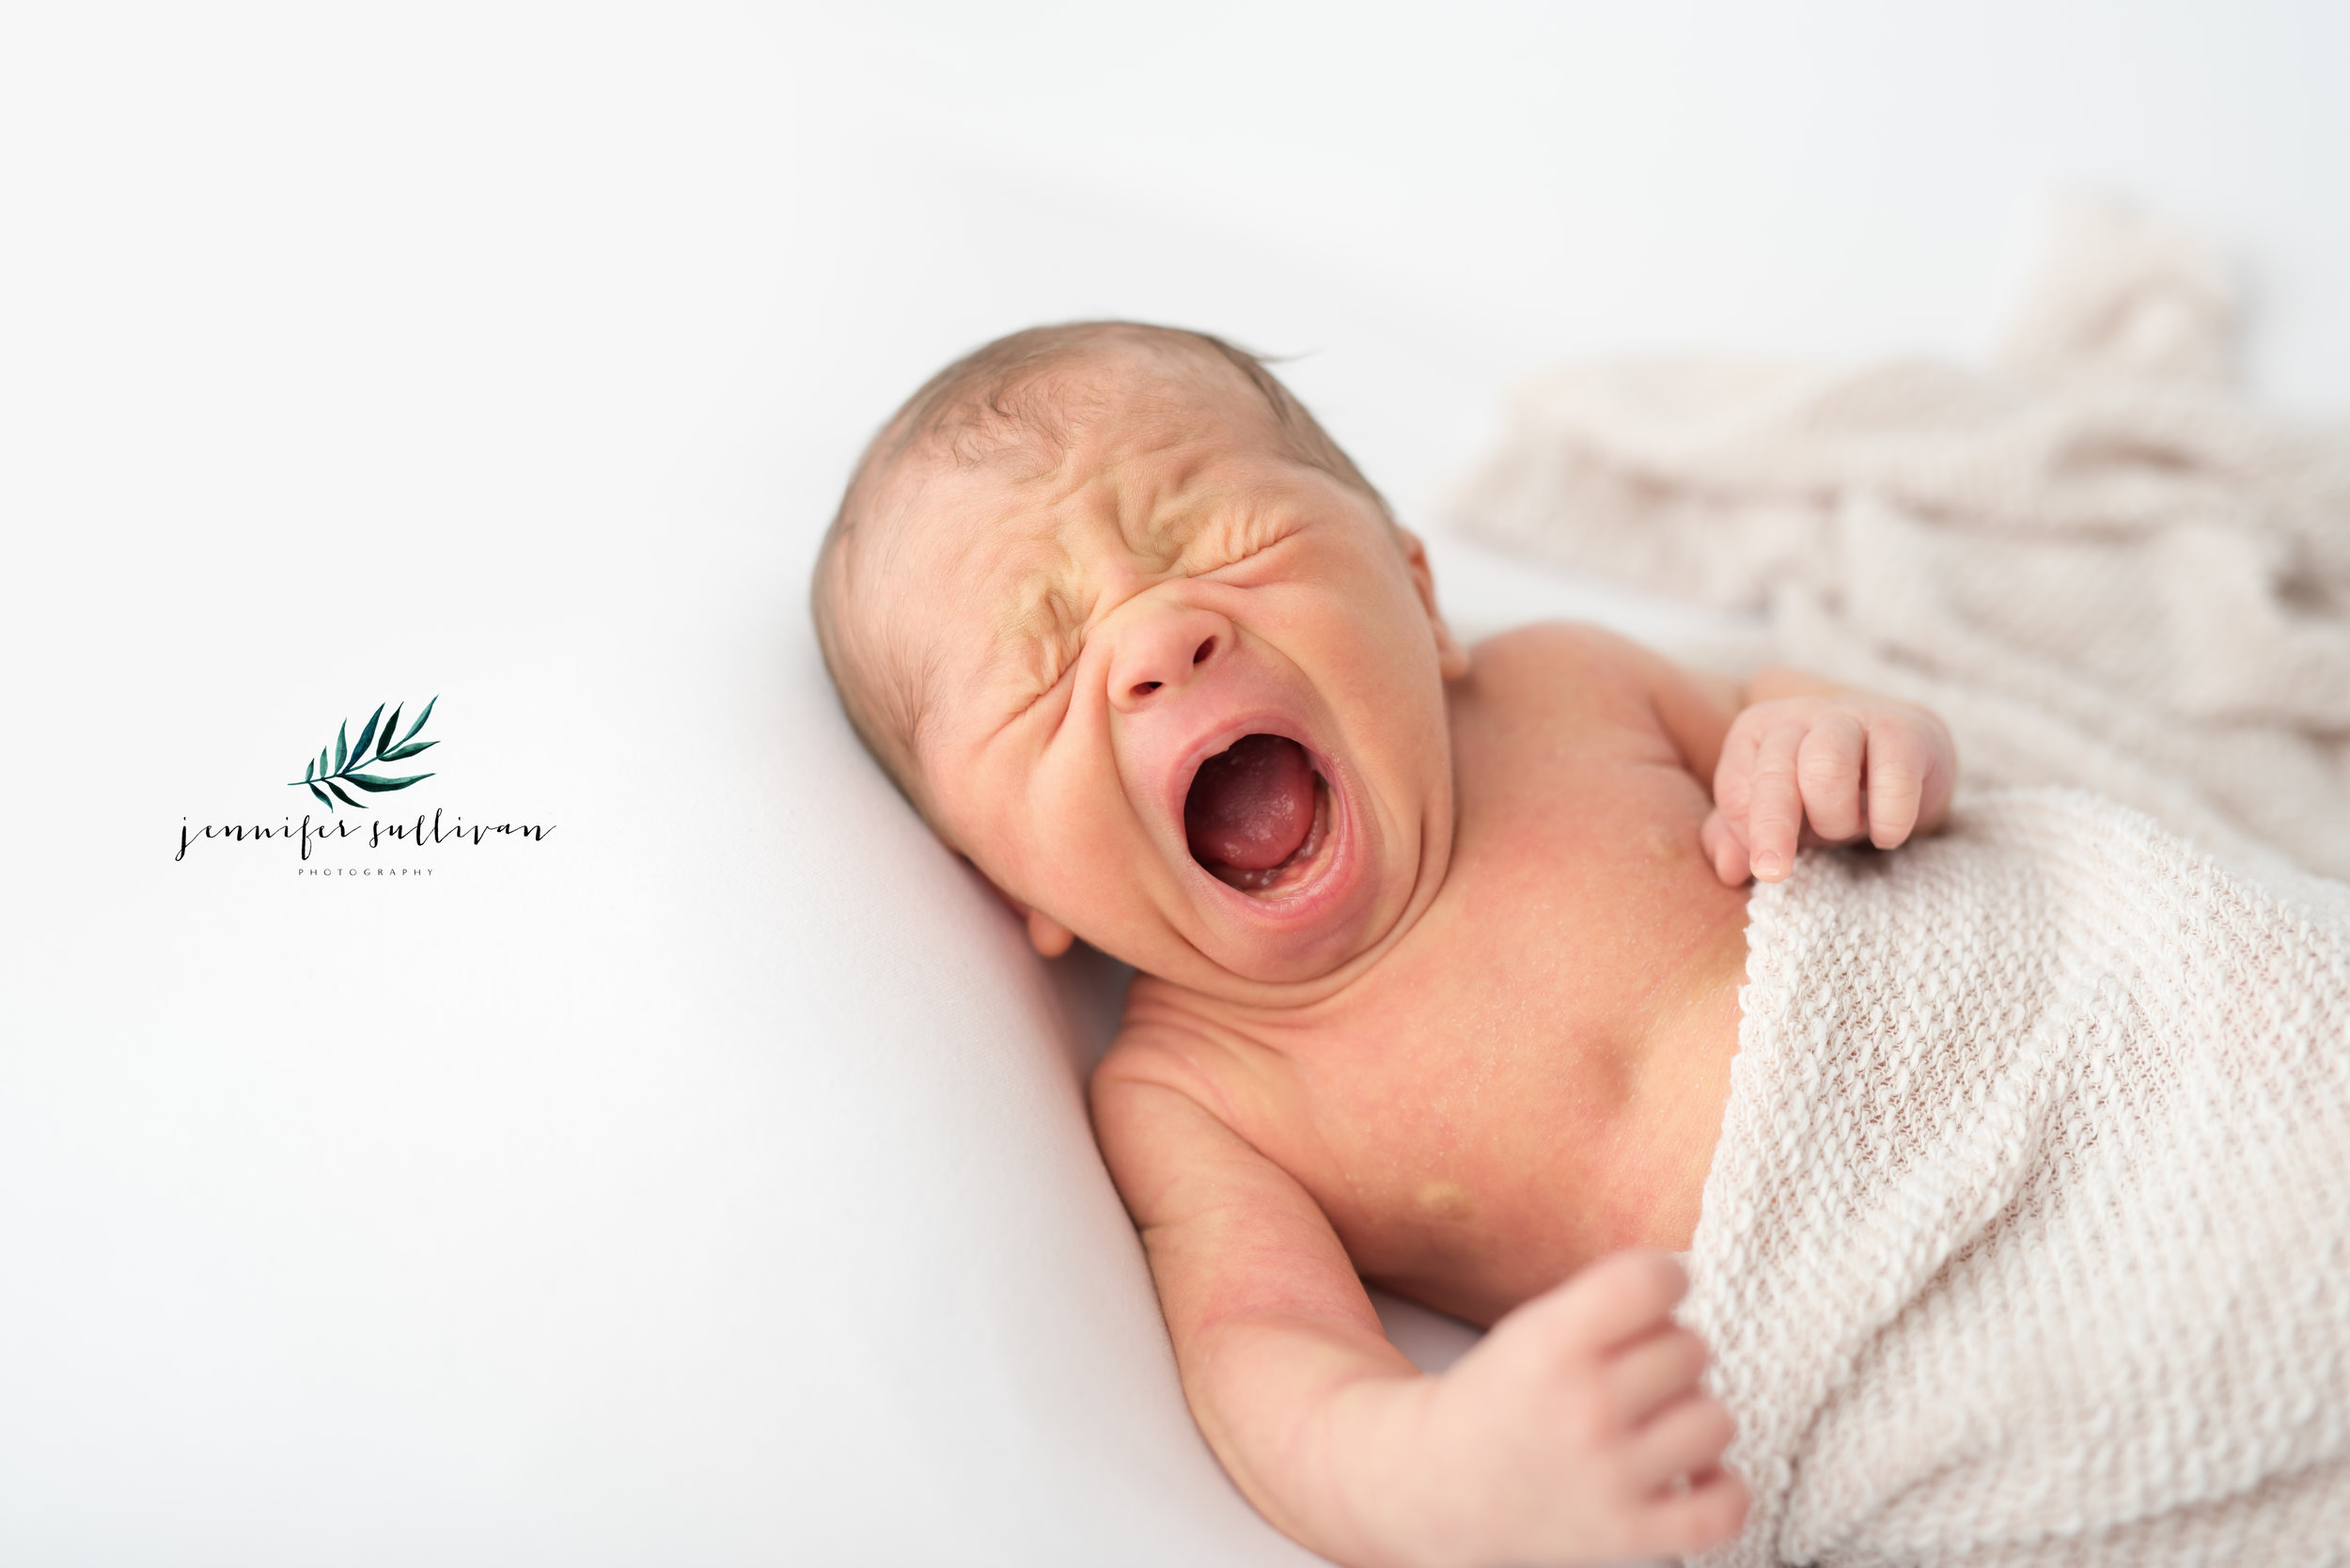 dartmouth baby photographer newborn-401-5.jpg